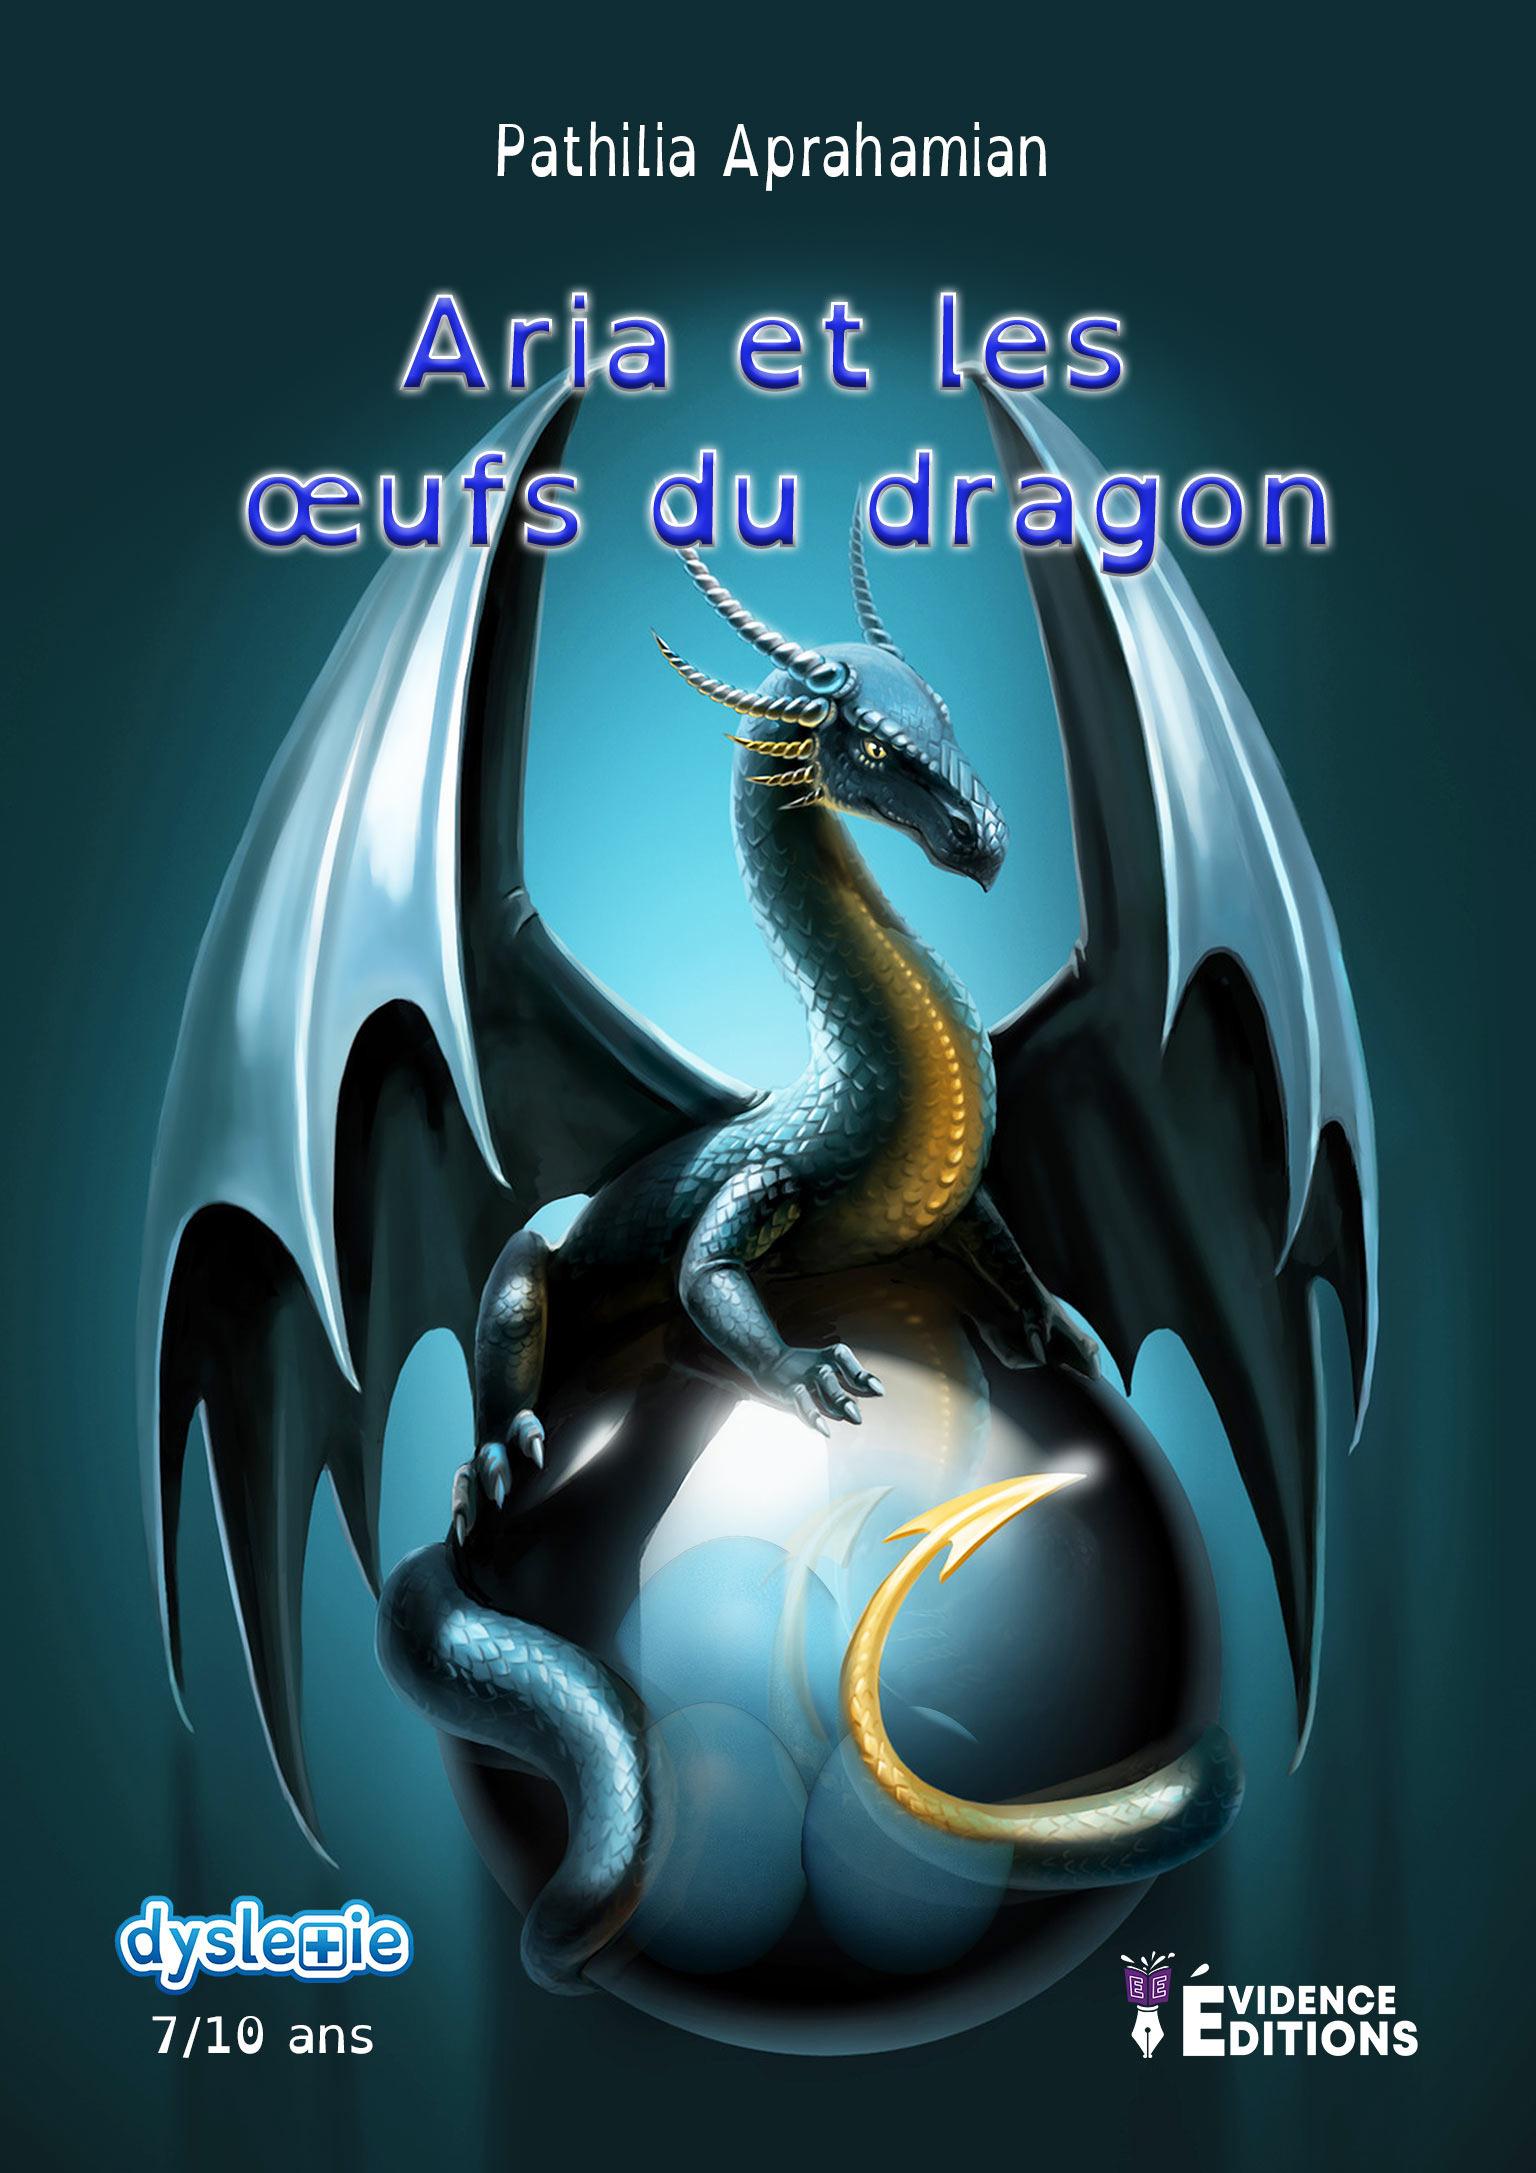 Aria et les oeufs du dragon